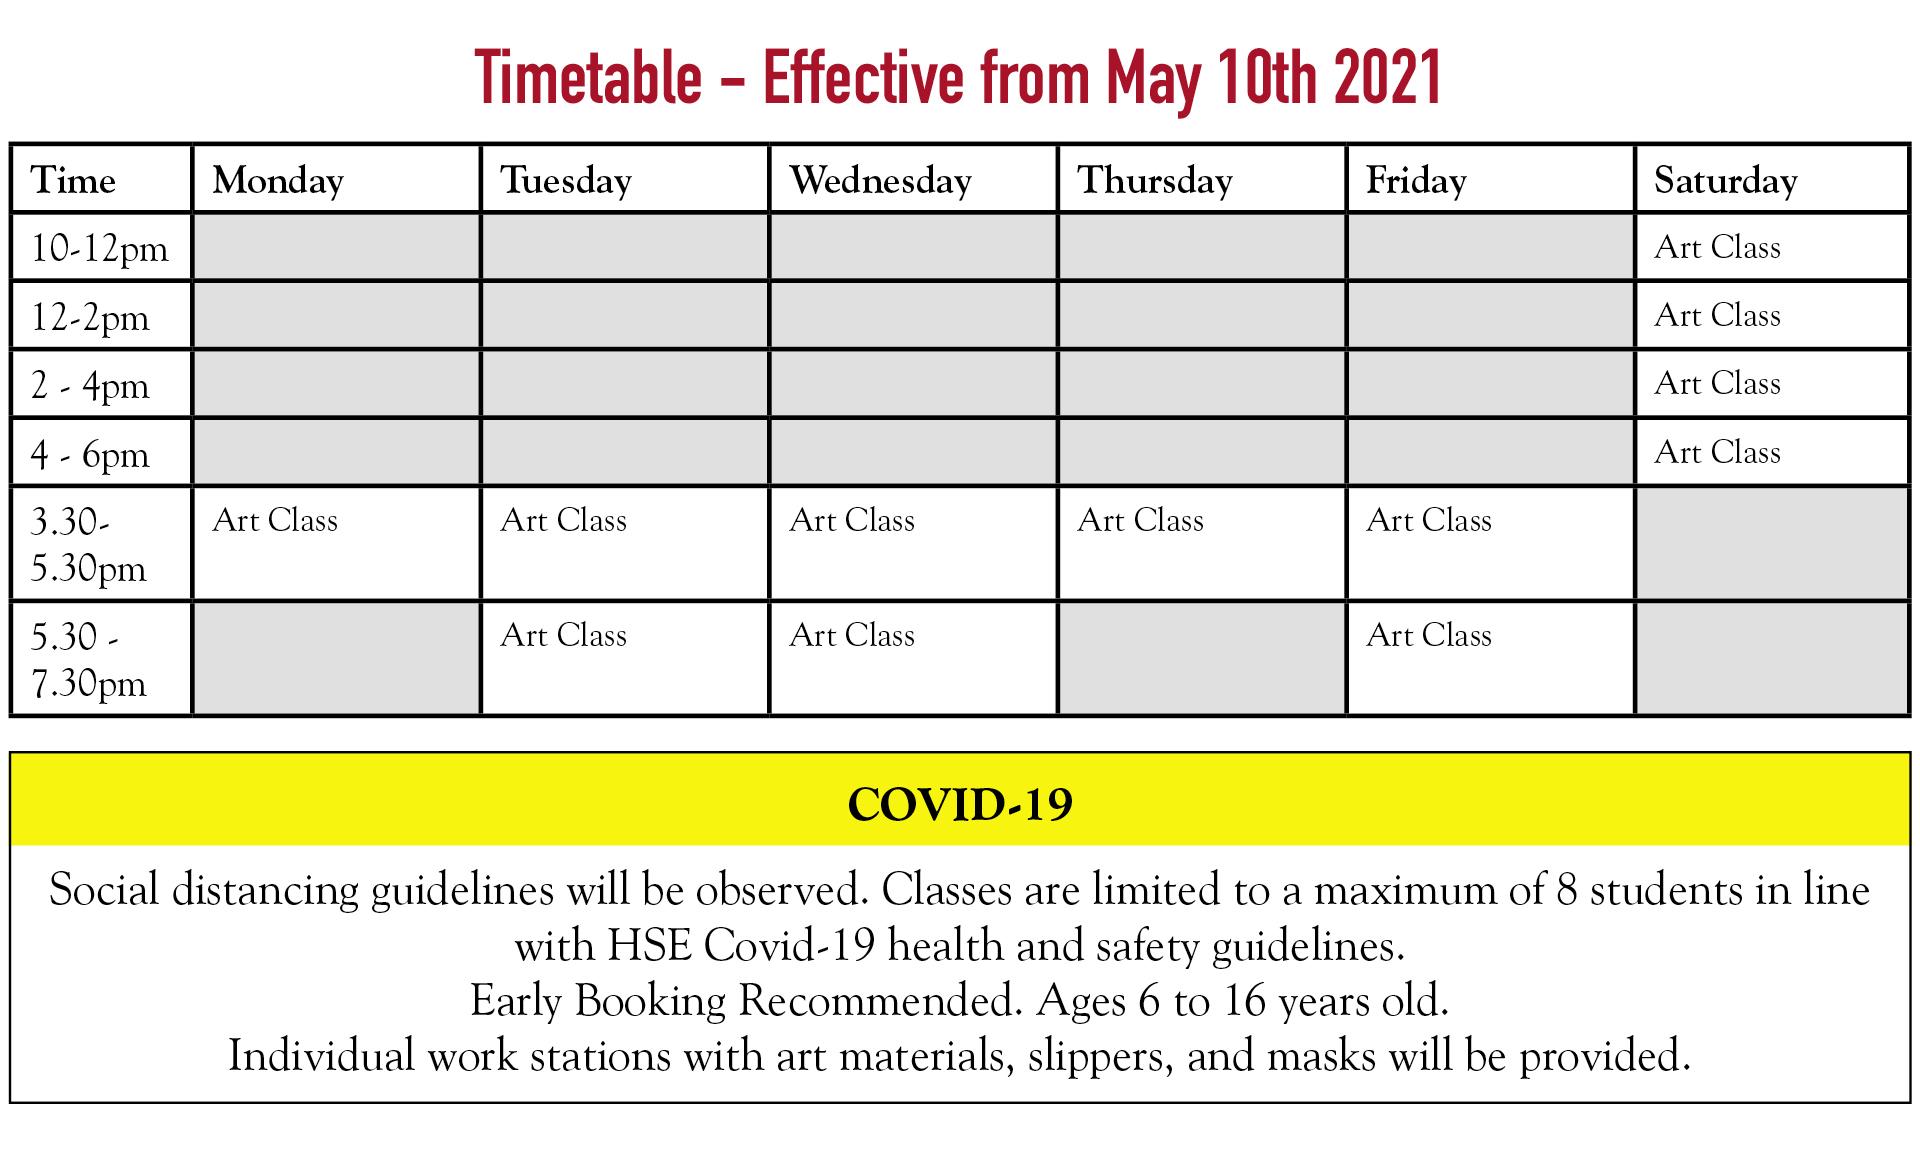 TimetableWebsite_may2021_2